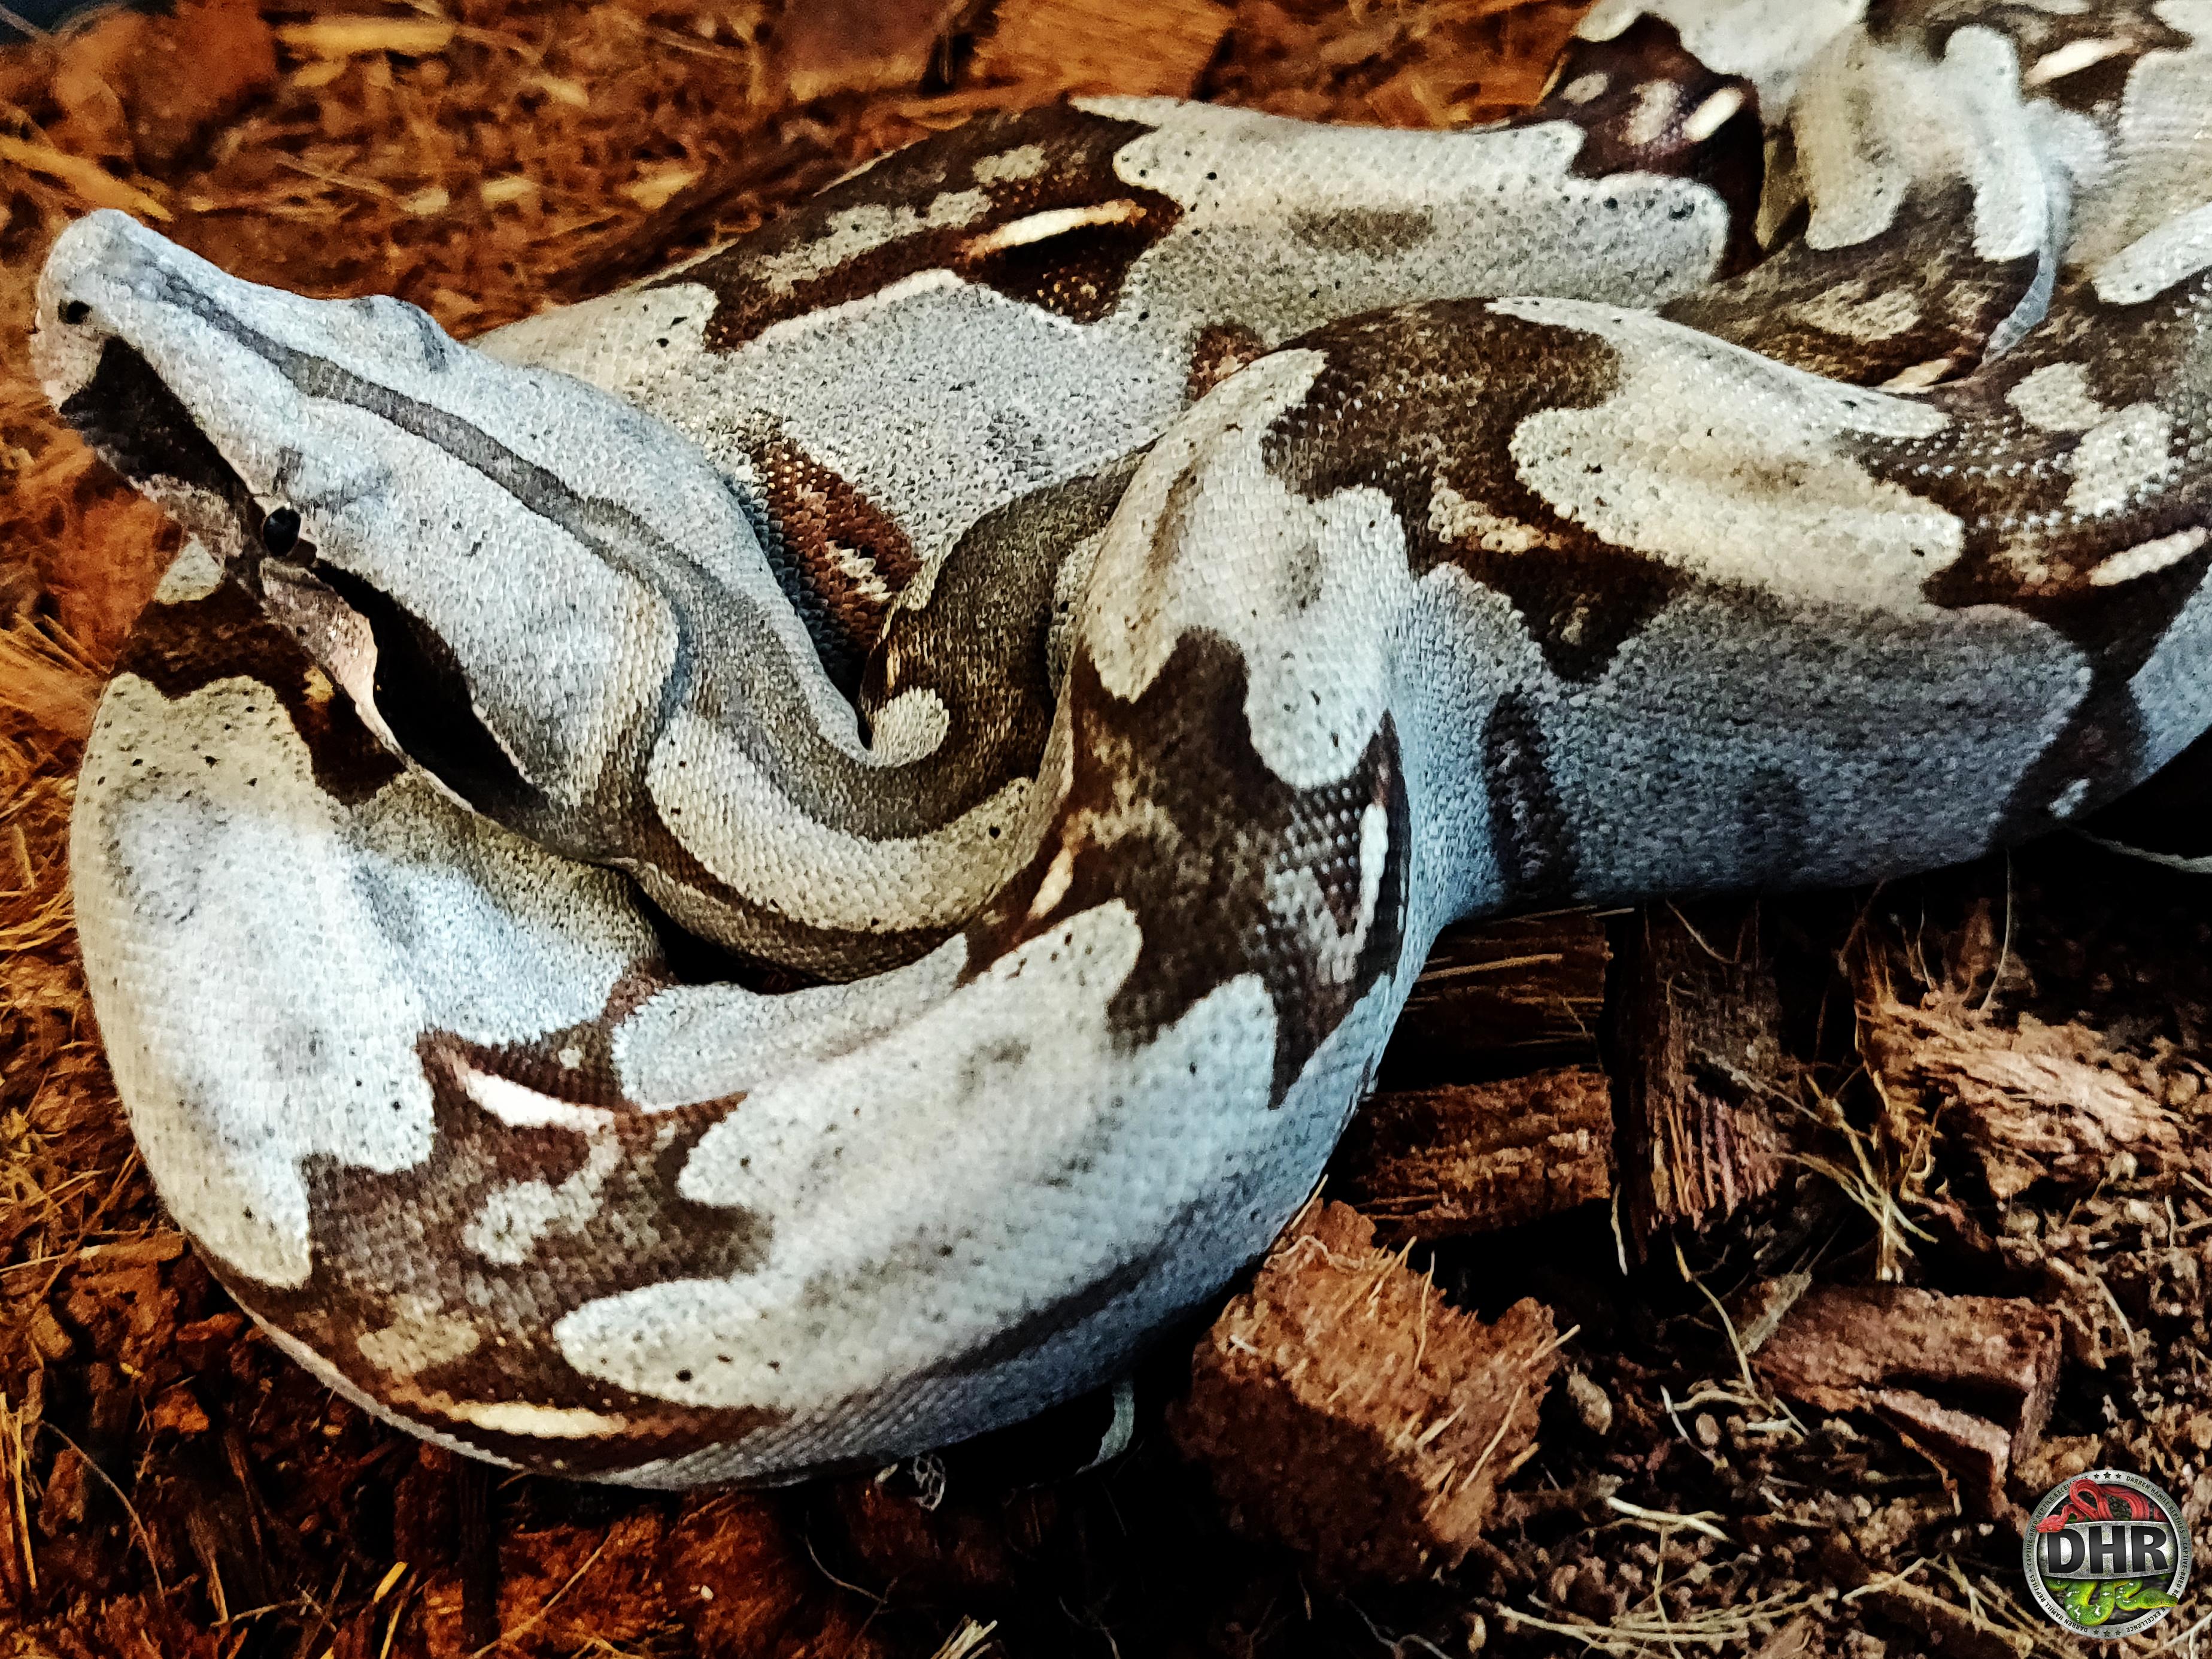 Suriname Boas (Boa constrictor constrictor)